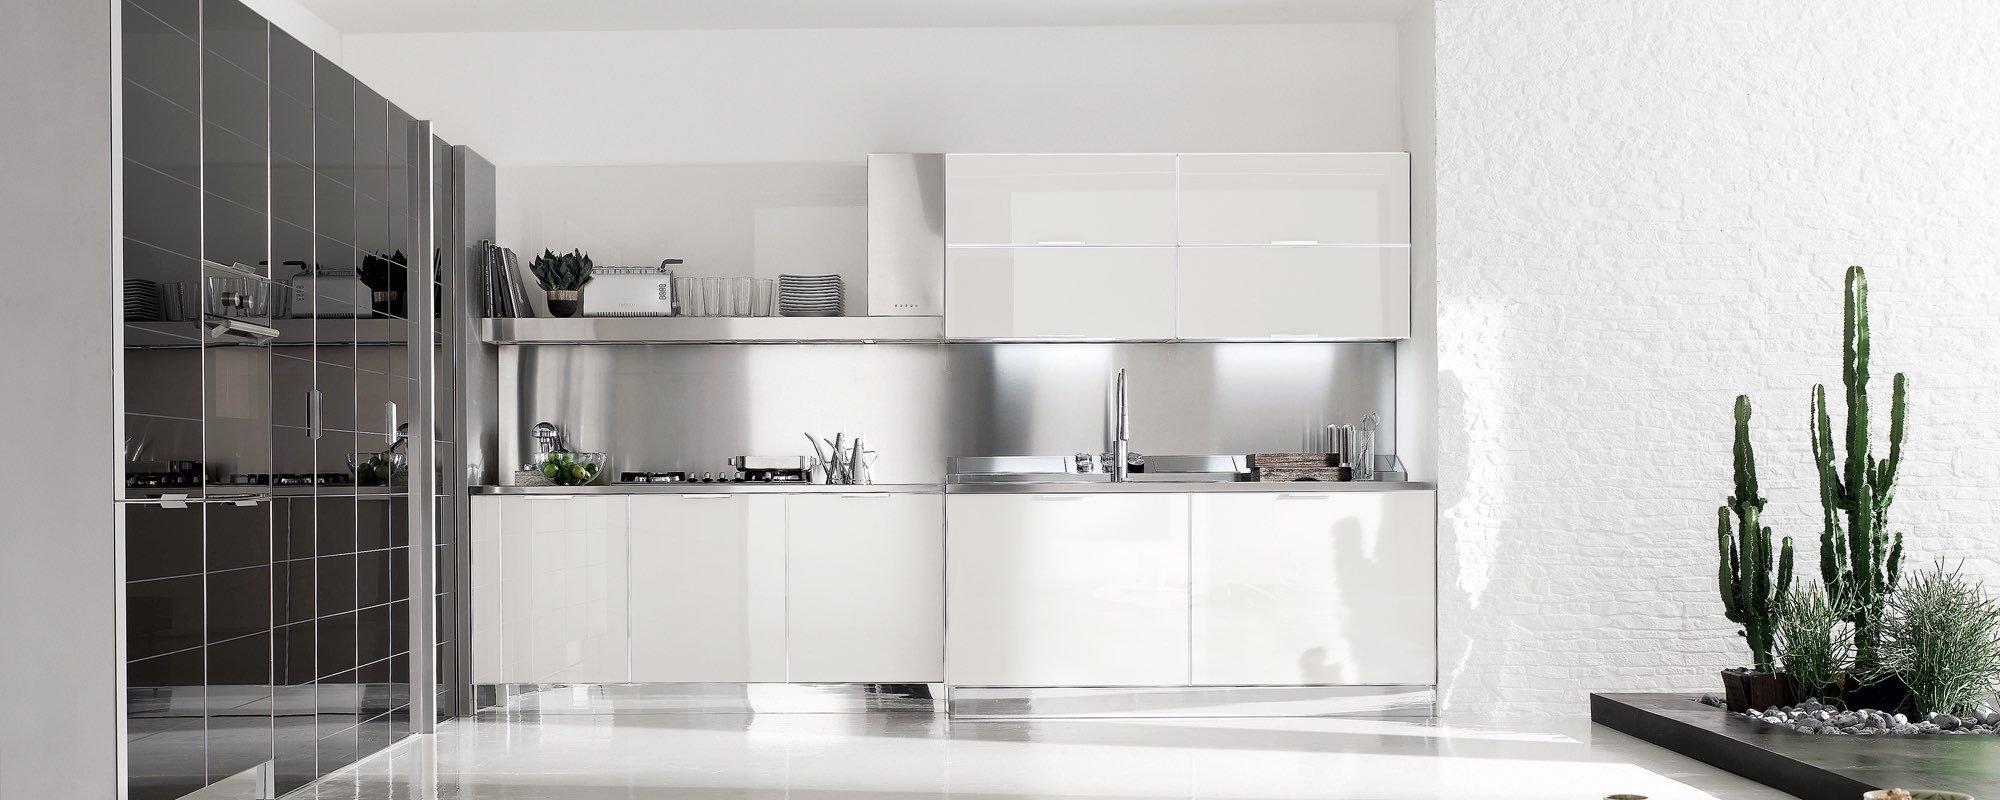 vista frontale di una cucina moderna in vetro laccata lucida -Brilliant